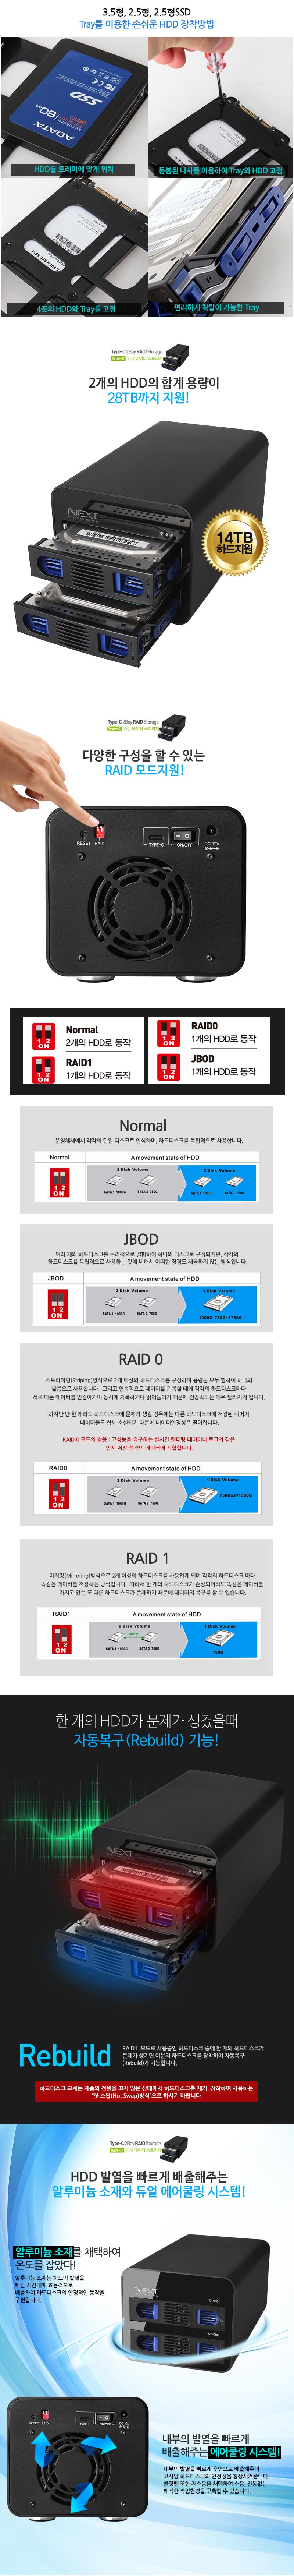 이지넷유비쿼터스 넥스트 NEXT-702TC RAID (6TB)